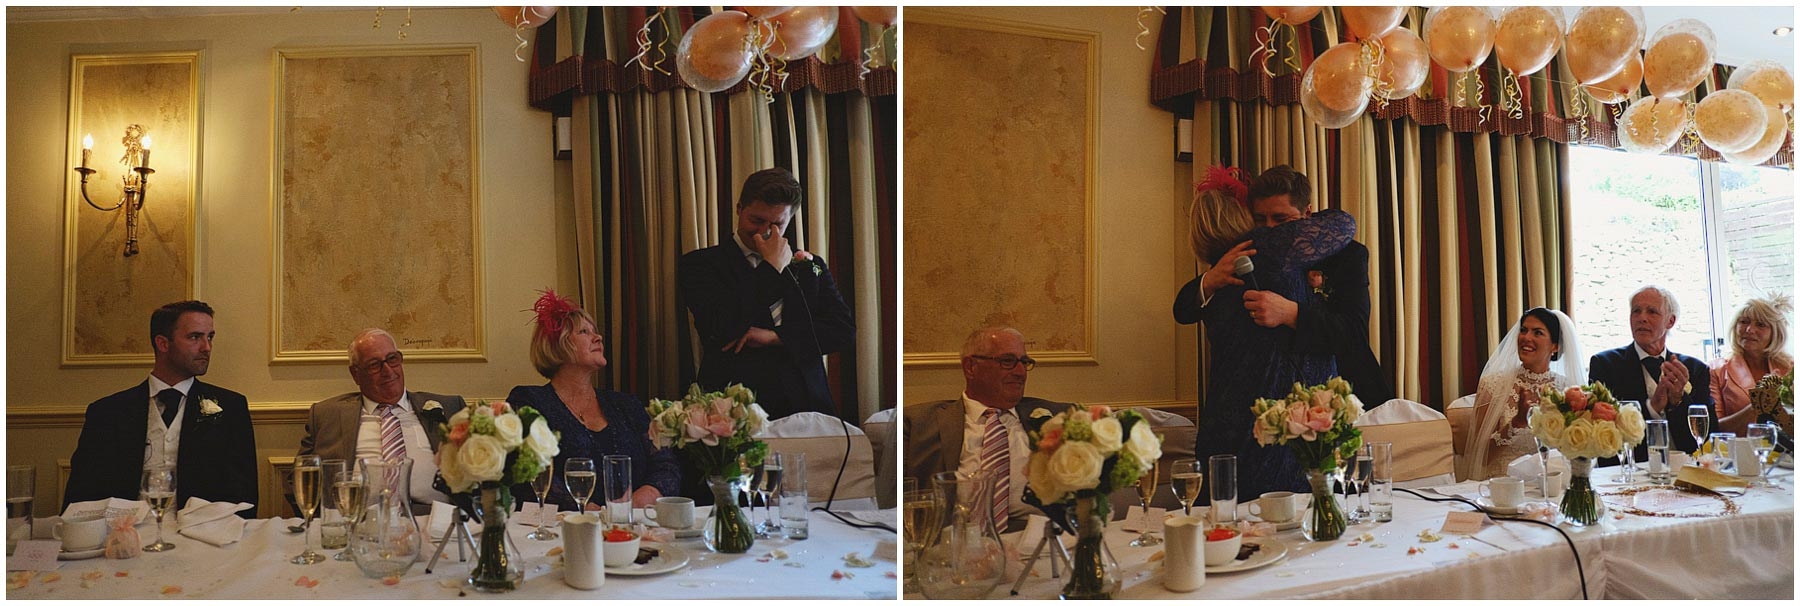 Wentbridge-House-Wedding-Photography-114